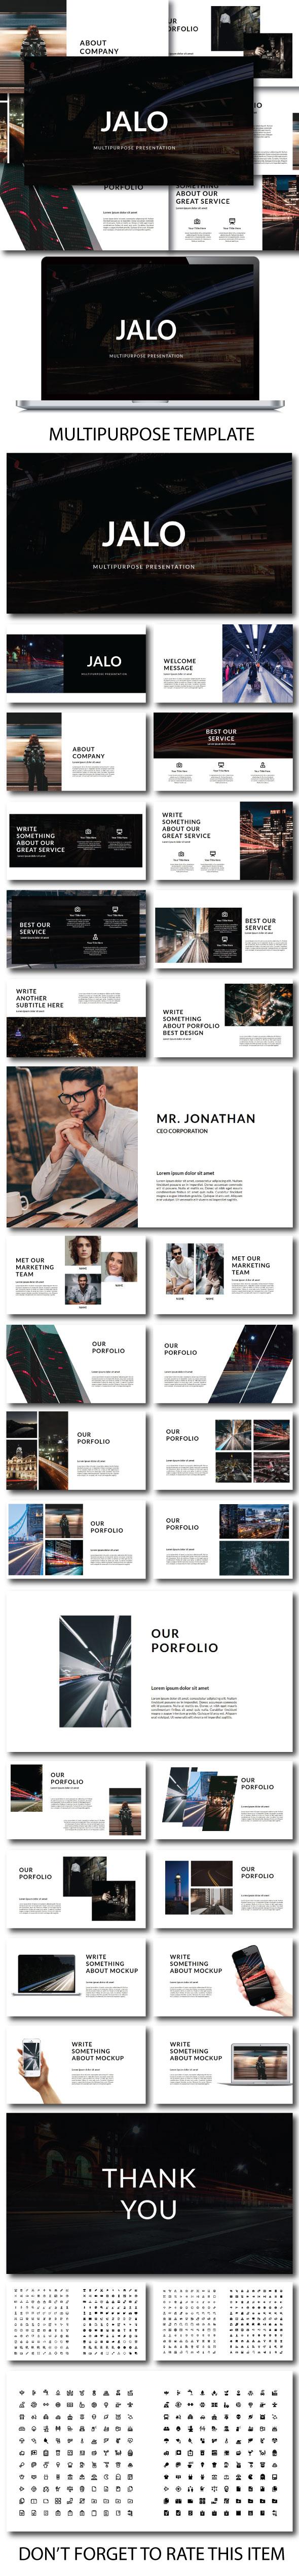 Jalo Minimal Multipurpose Powerpoint - PowerPoint Templates Presentation Templates